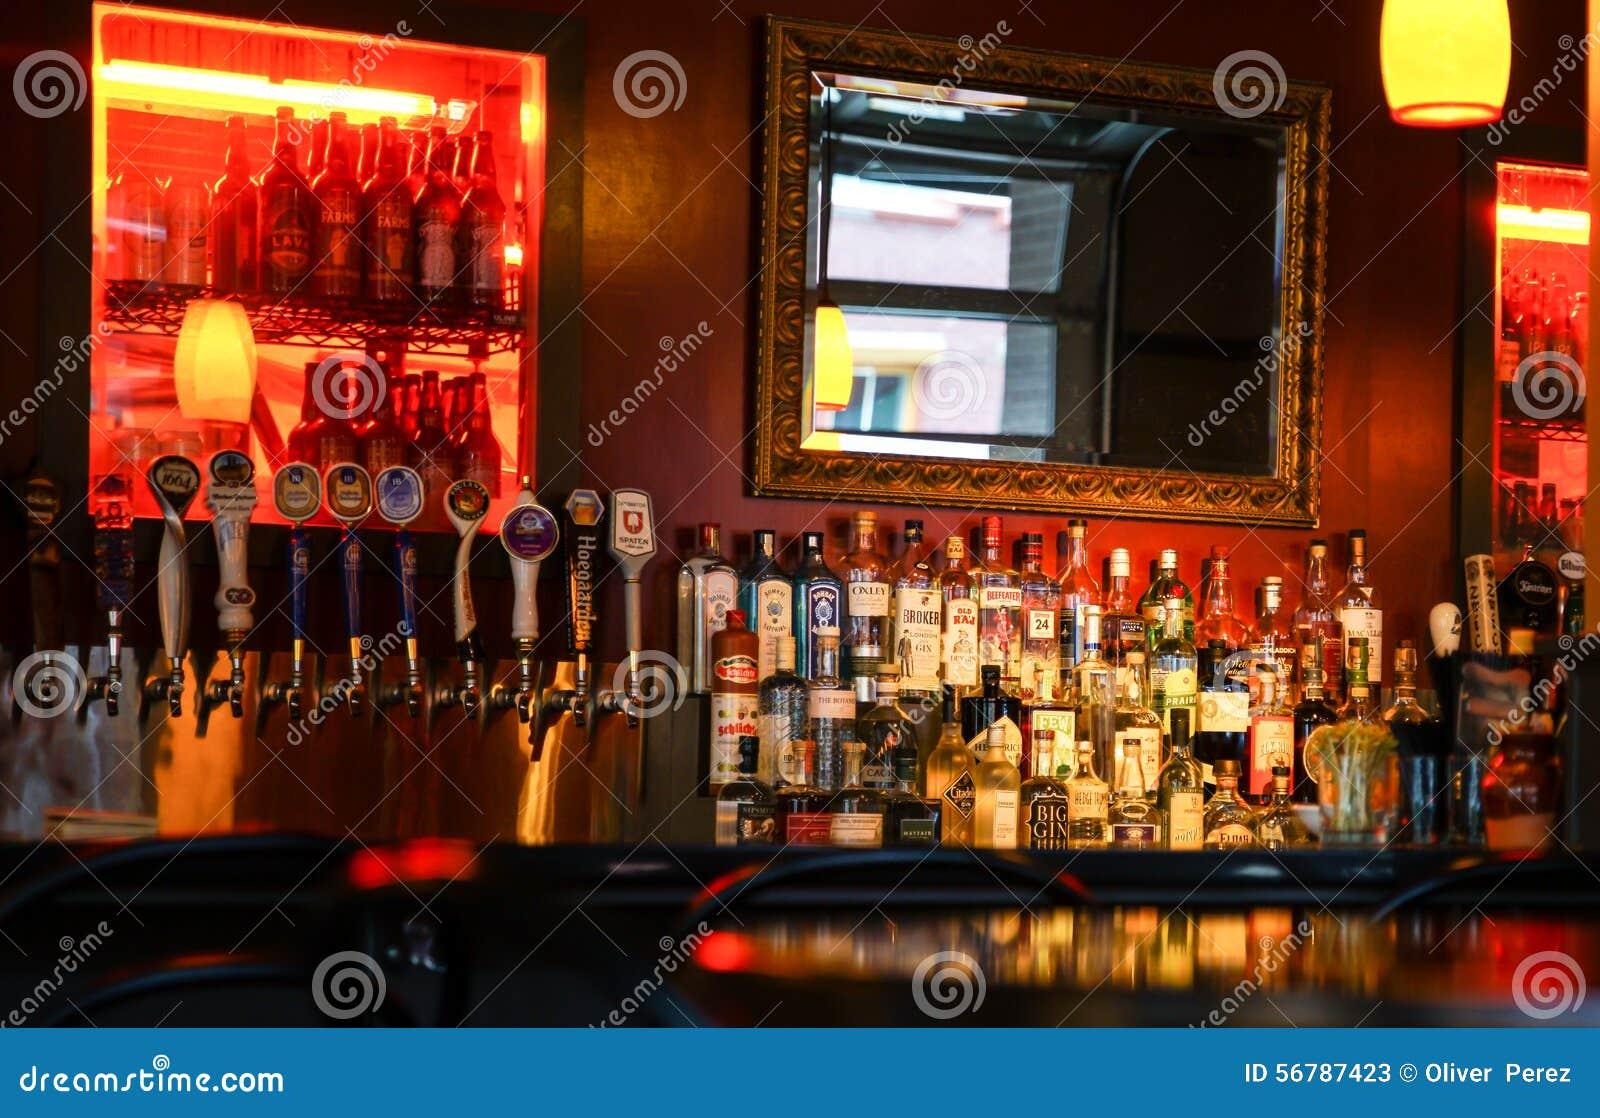 Boissons alcoolisées assorties